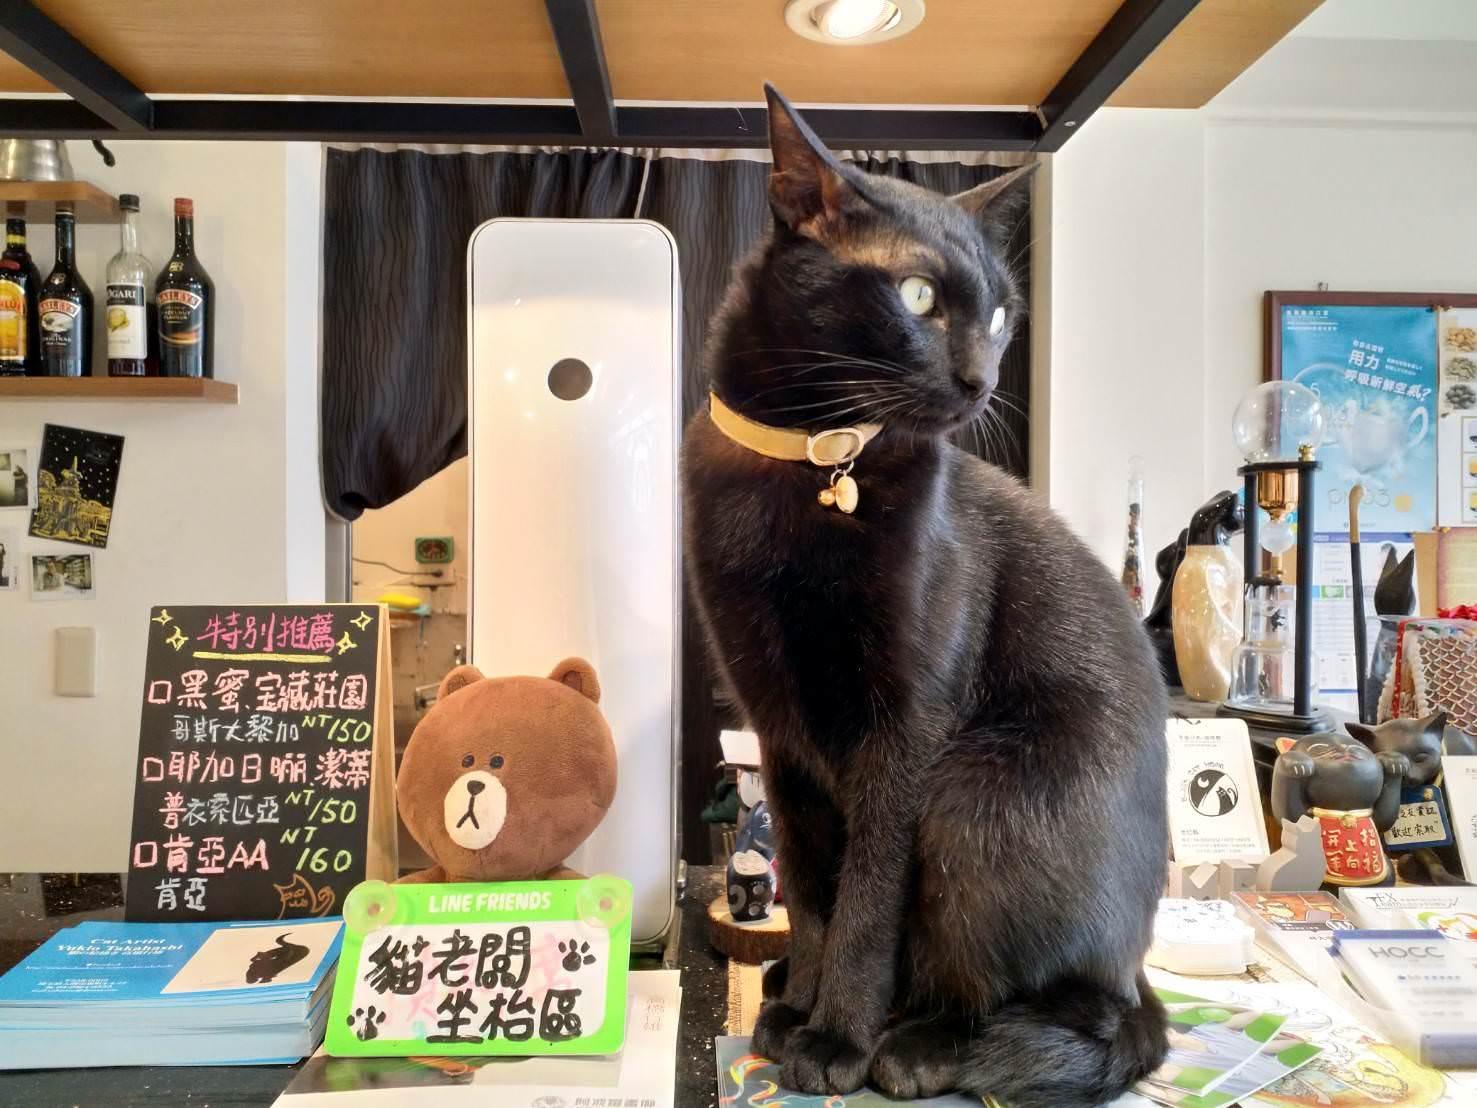 黑貓咖啡館的鎮店之寶-烏吉